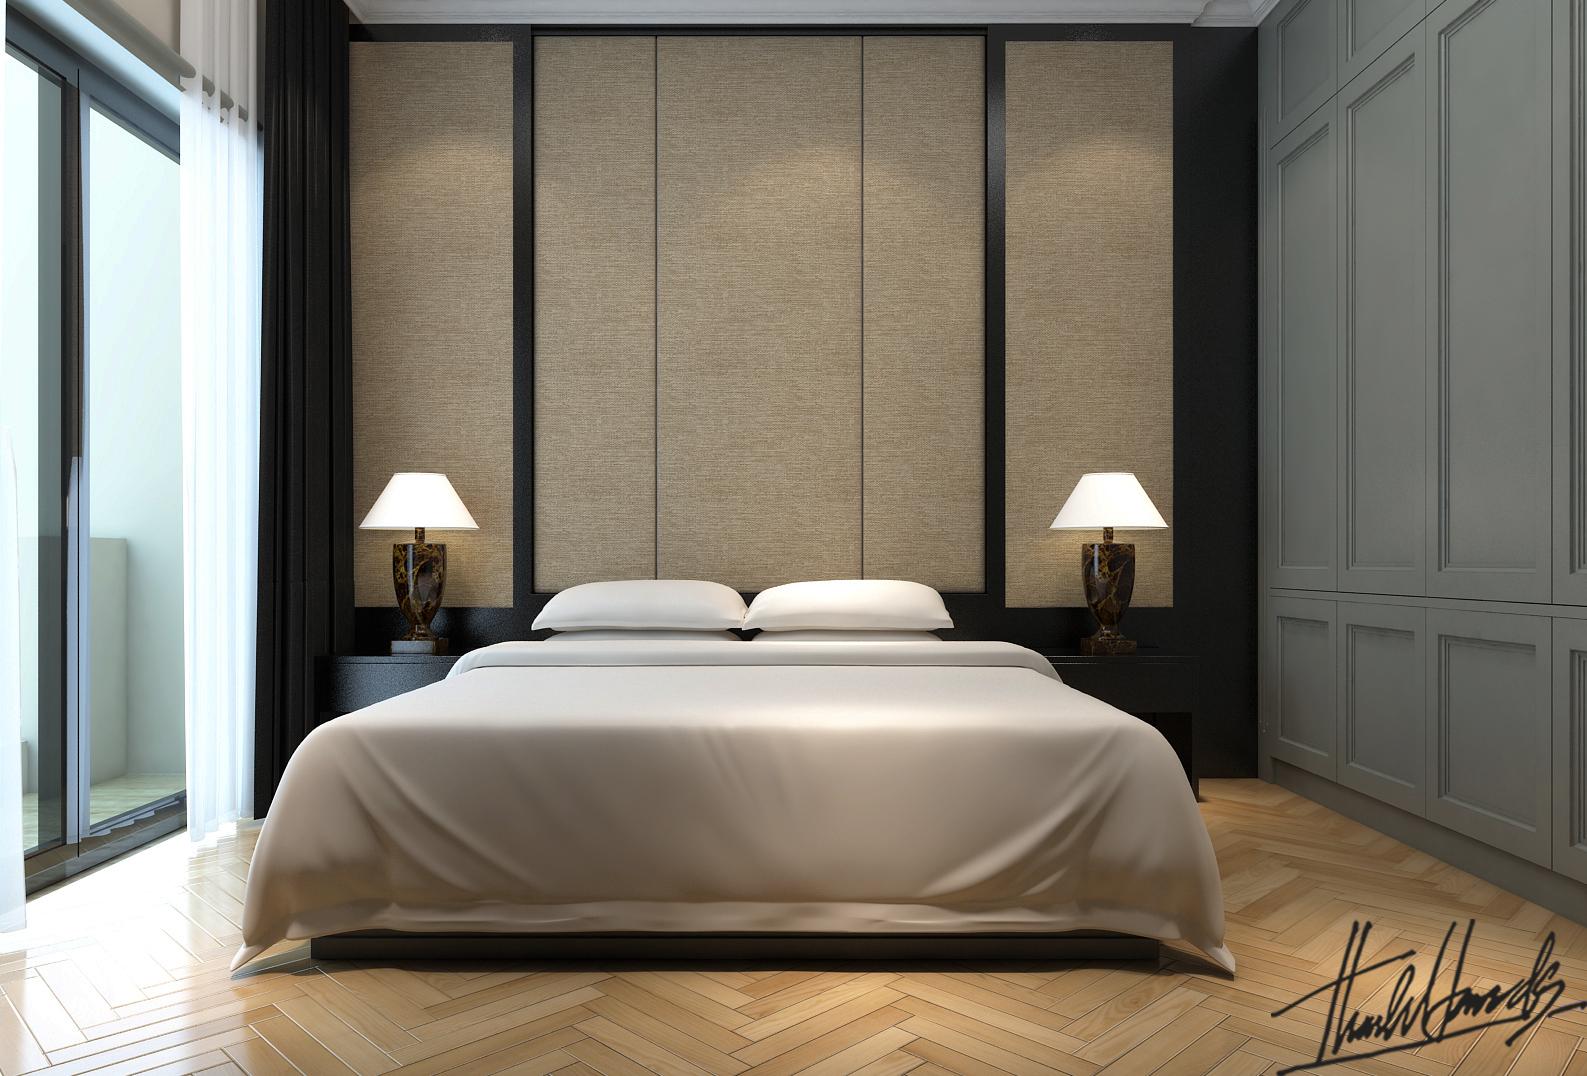 thiết kế nội thất Biệt Thự tại Hà Nội bt Vinhomes - riverside 24 1568274533